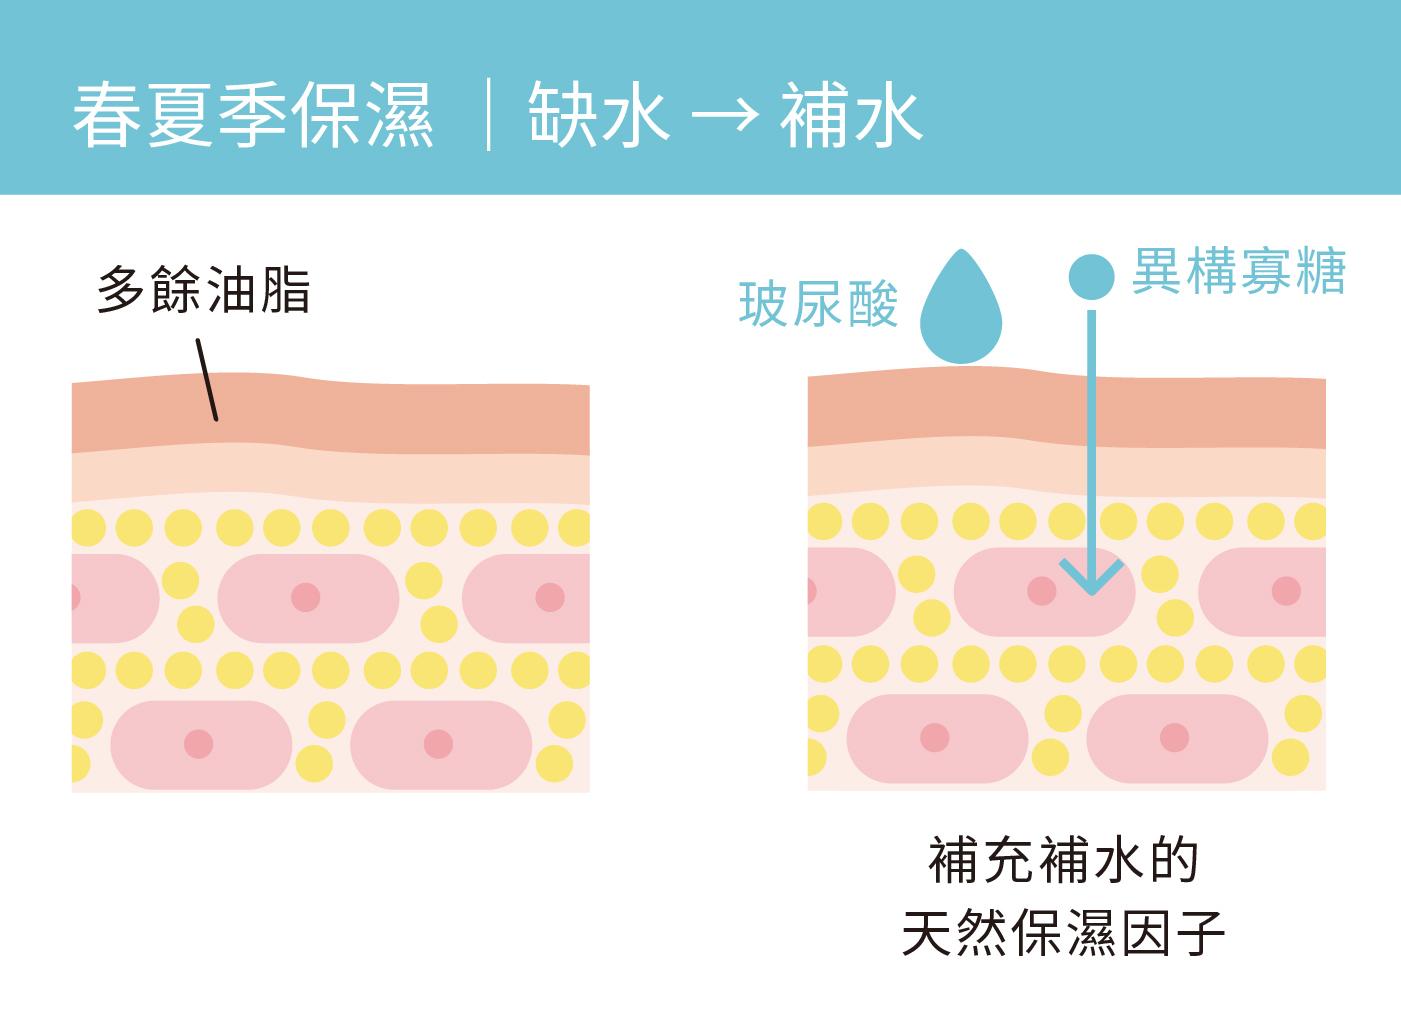 換季保濕方法-春夏季缺水補水